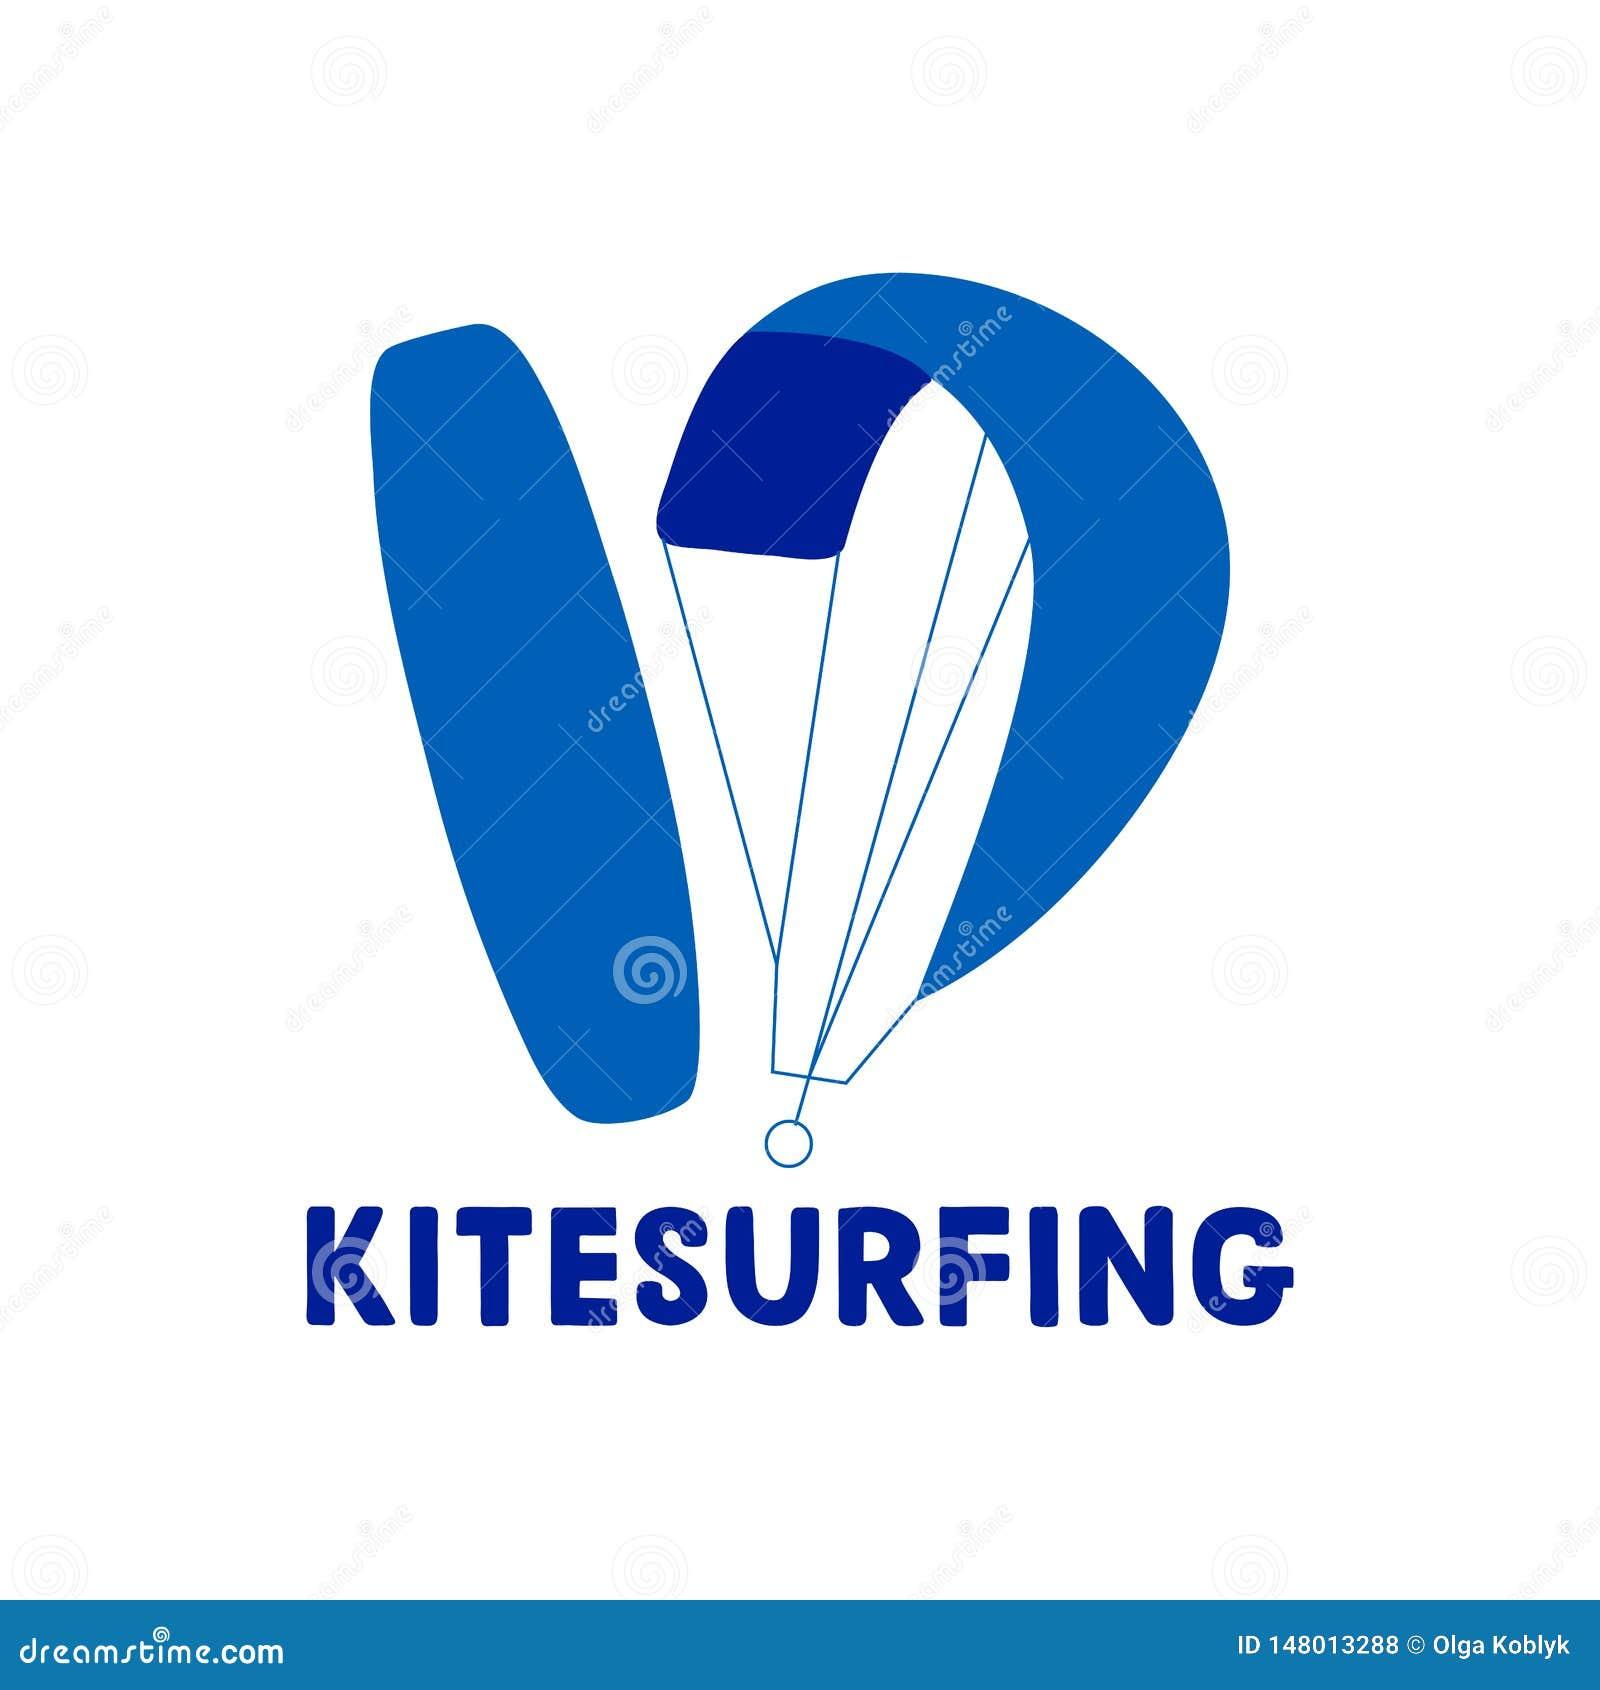 Kitesurfing hand written lettering logo